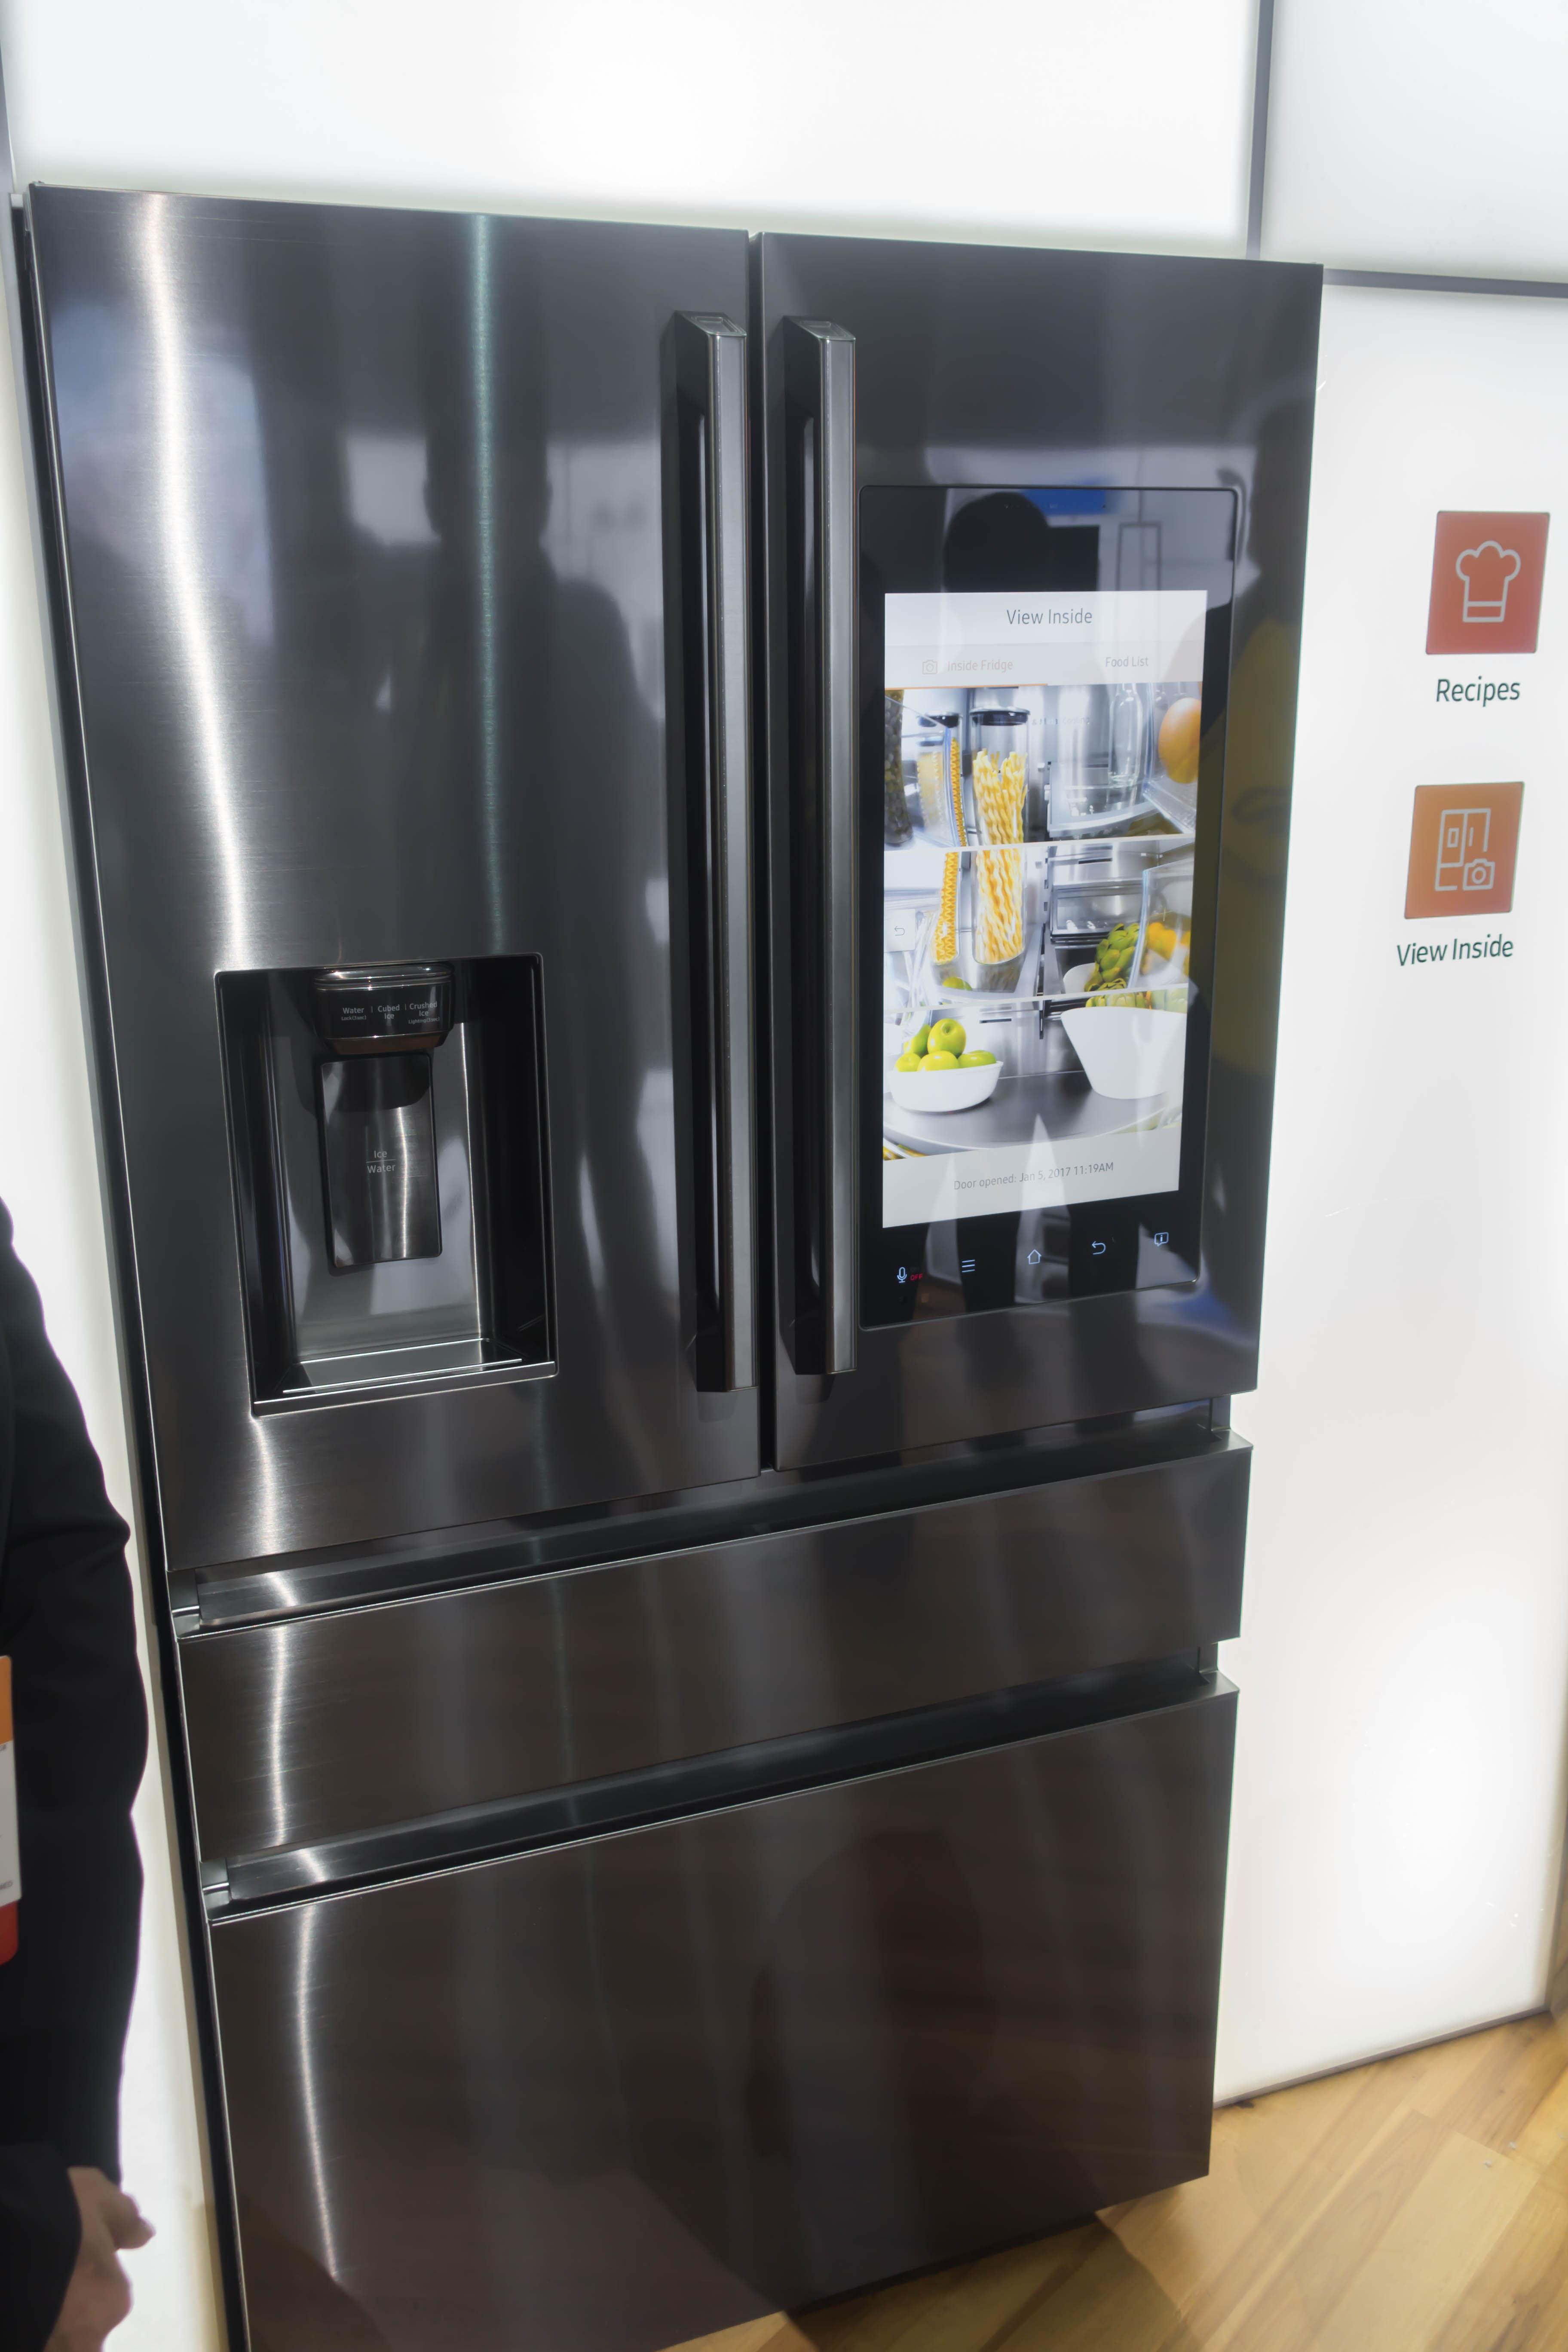 My Dream Kitchen Fashionandstylepolice: Samsung CES 2017